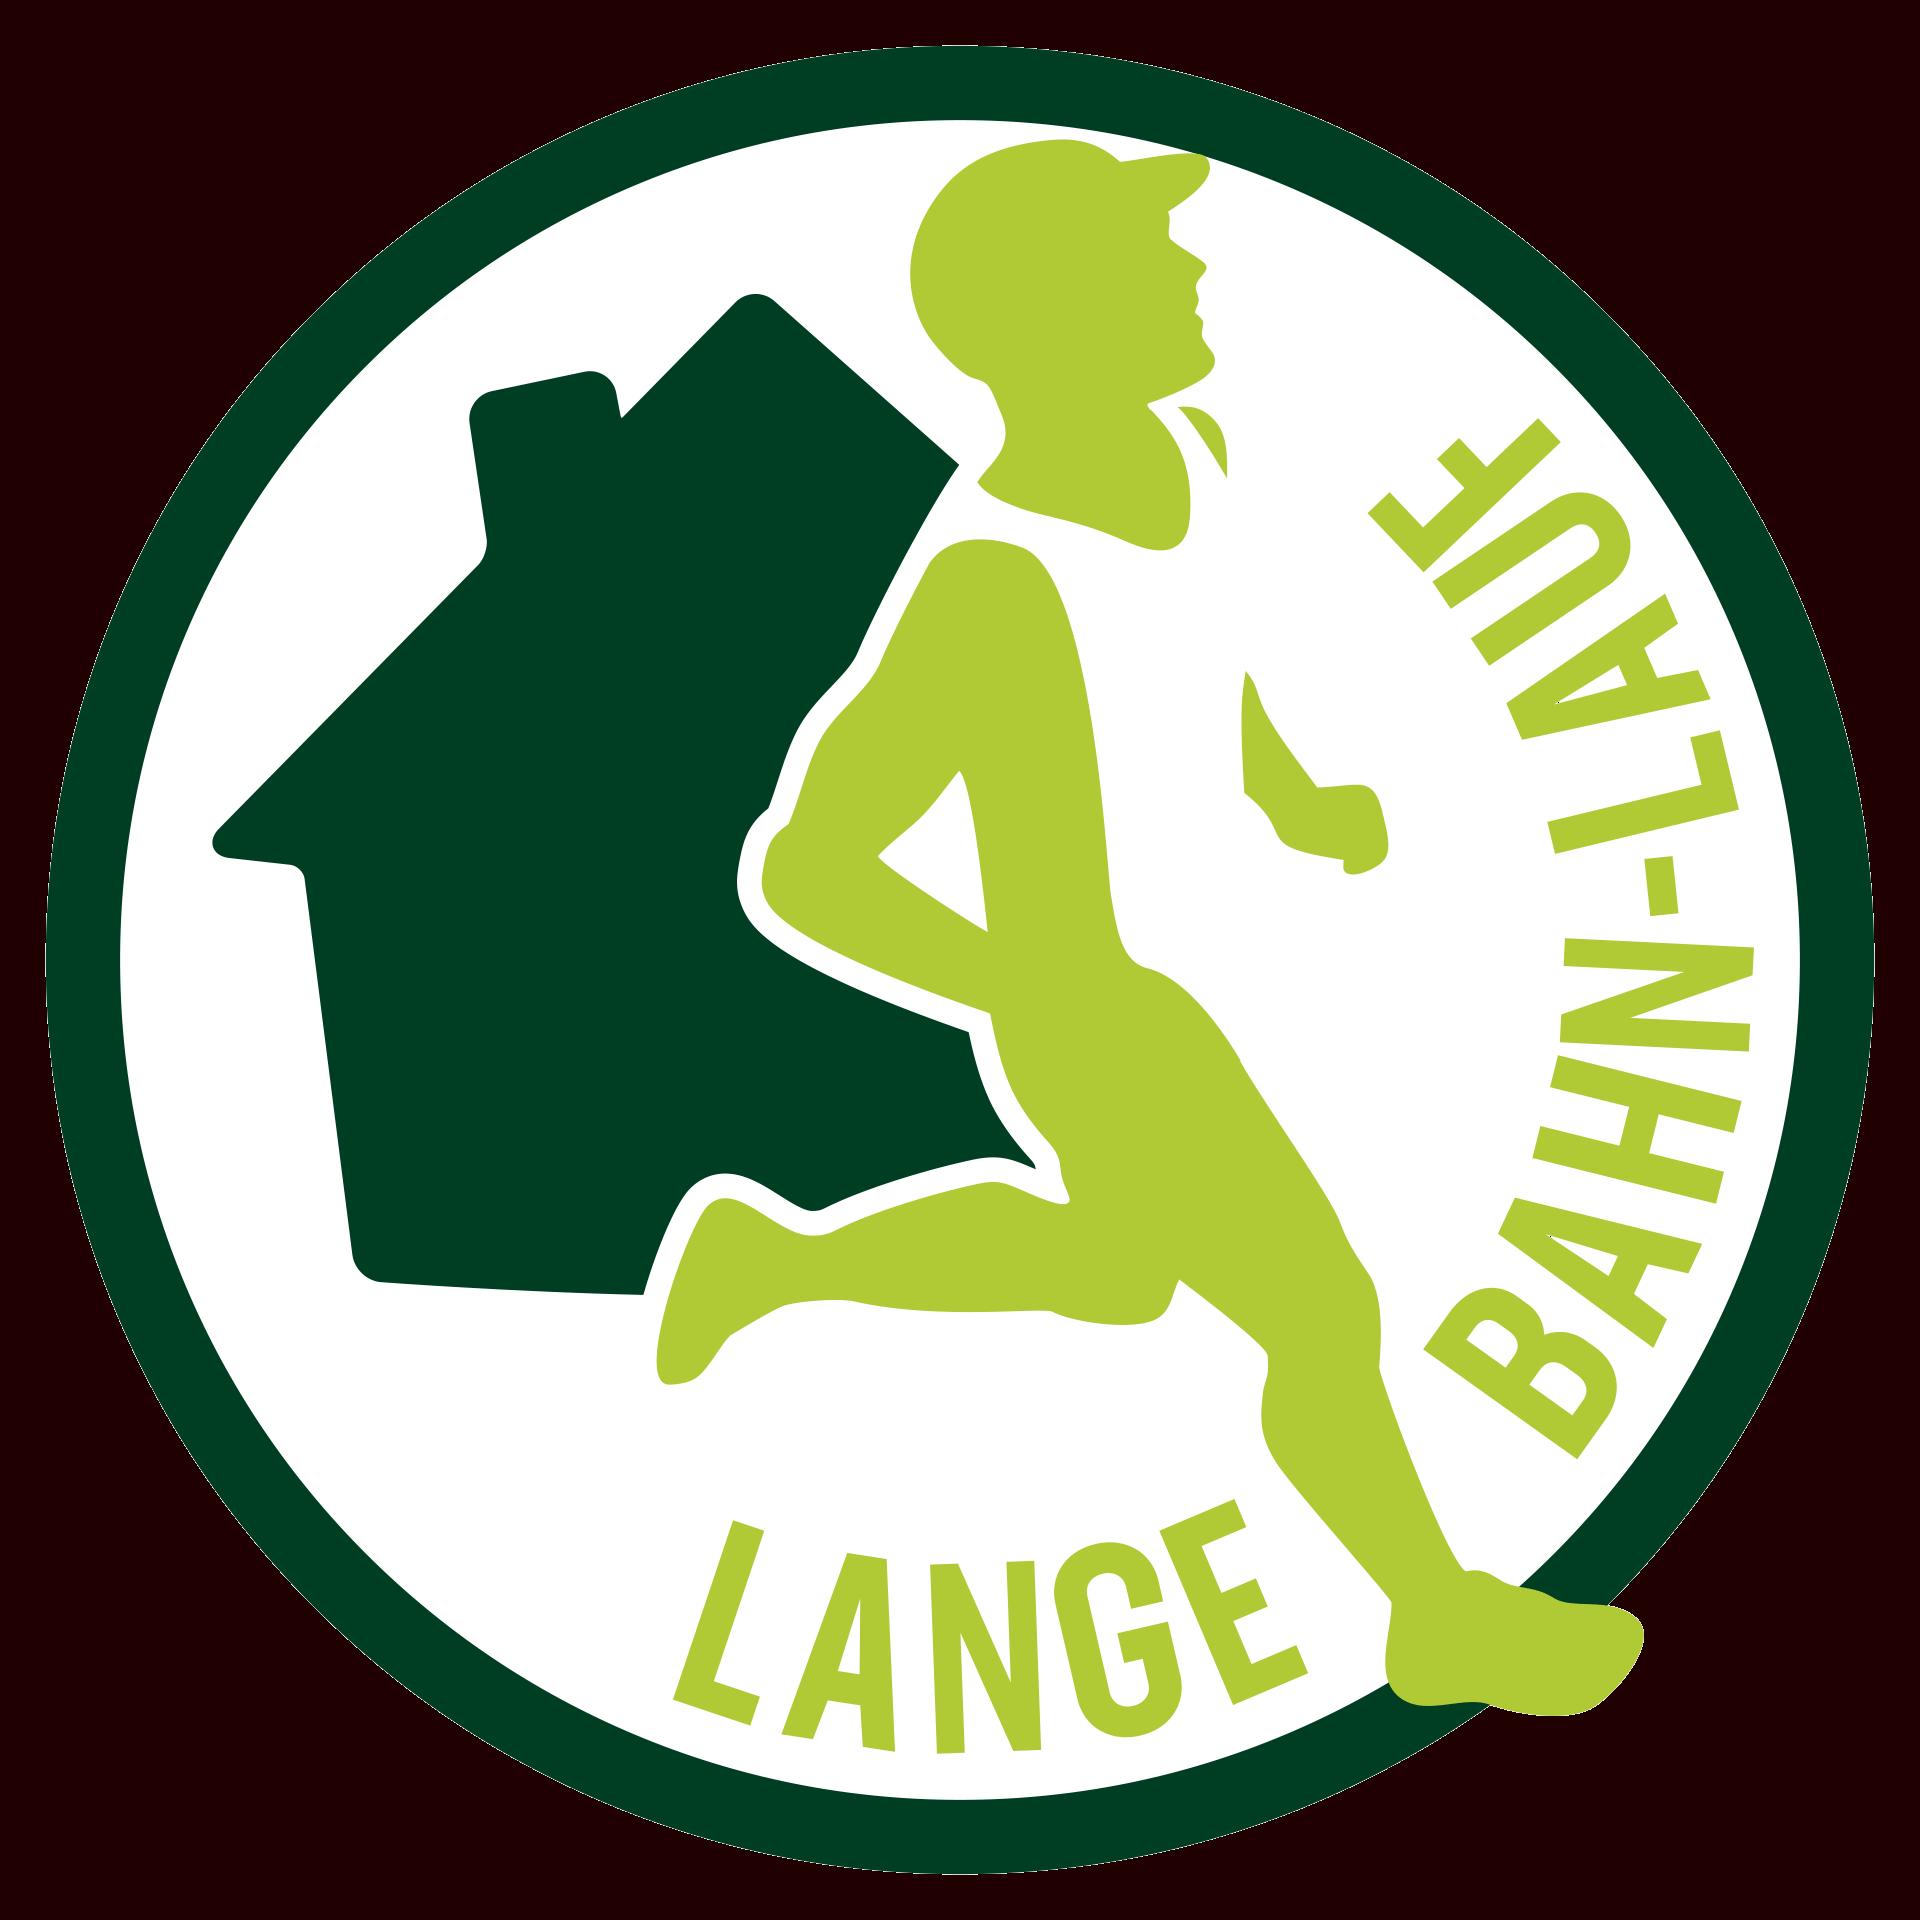 Lange-Bahn-Lauf